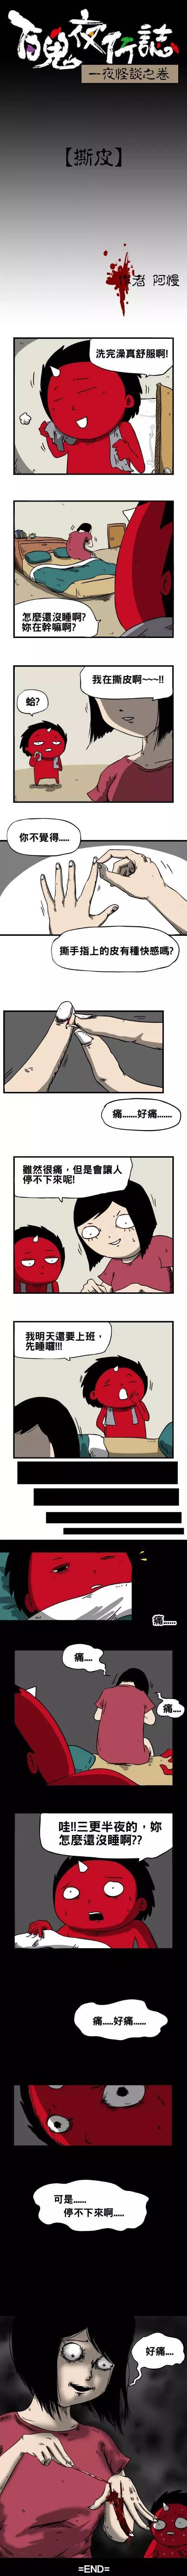 僵尸王漫画:百鬼夜行志《撕皮》